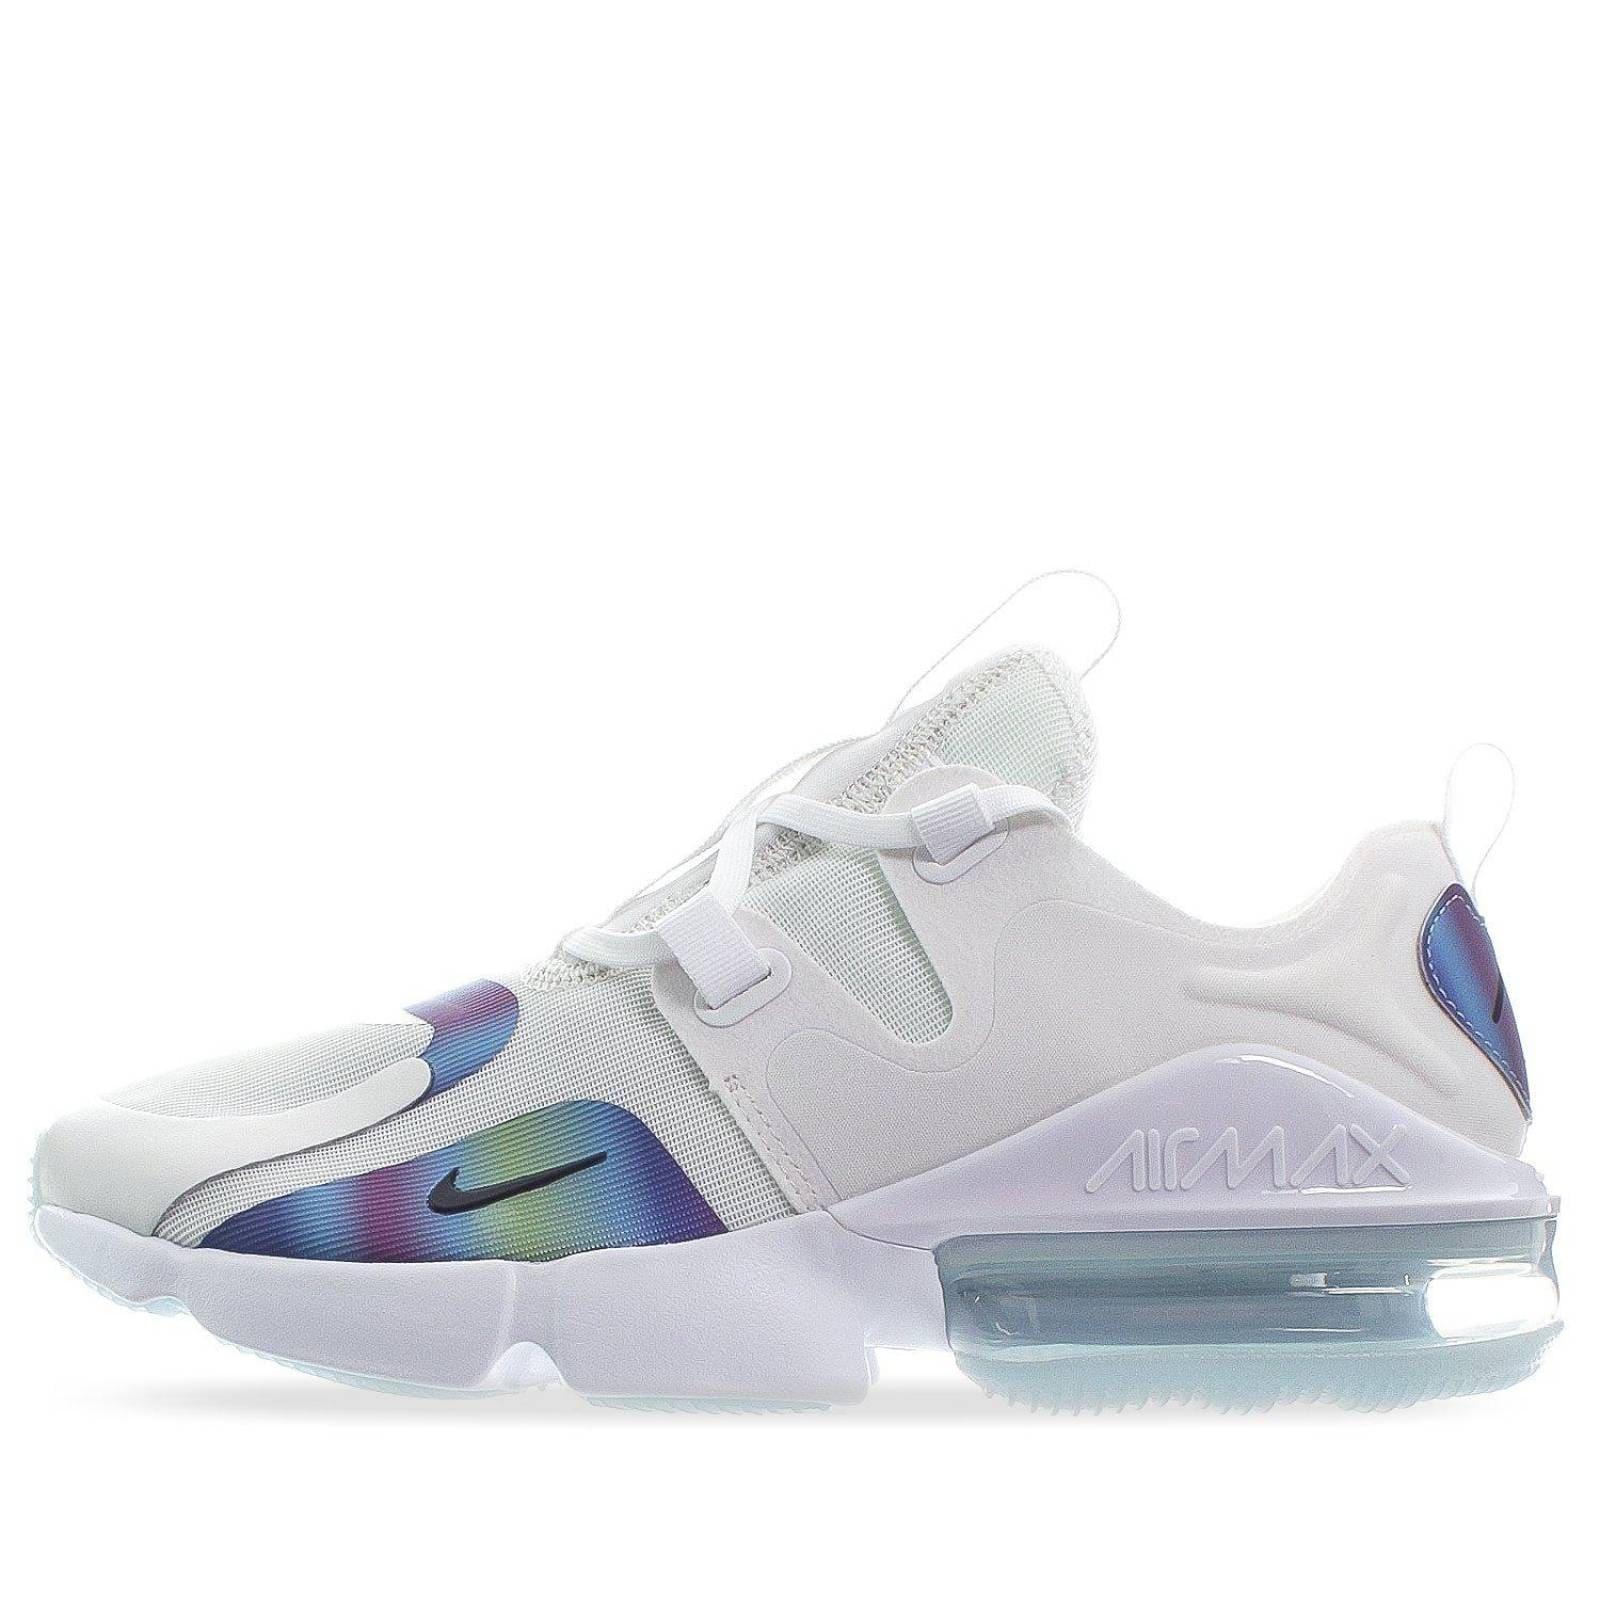 Tenis Nike Air Max Infinity - BQ3999101 - Blanco - Hombre